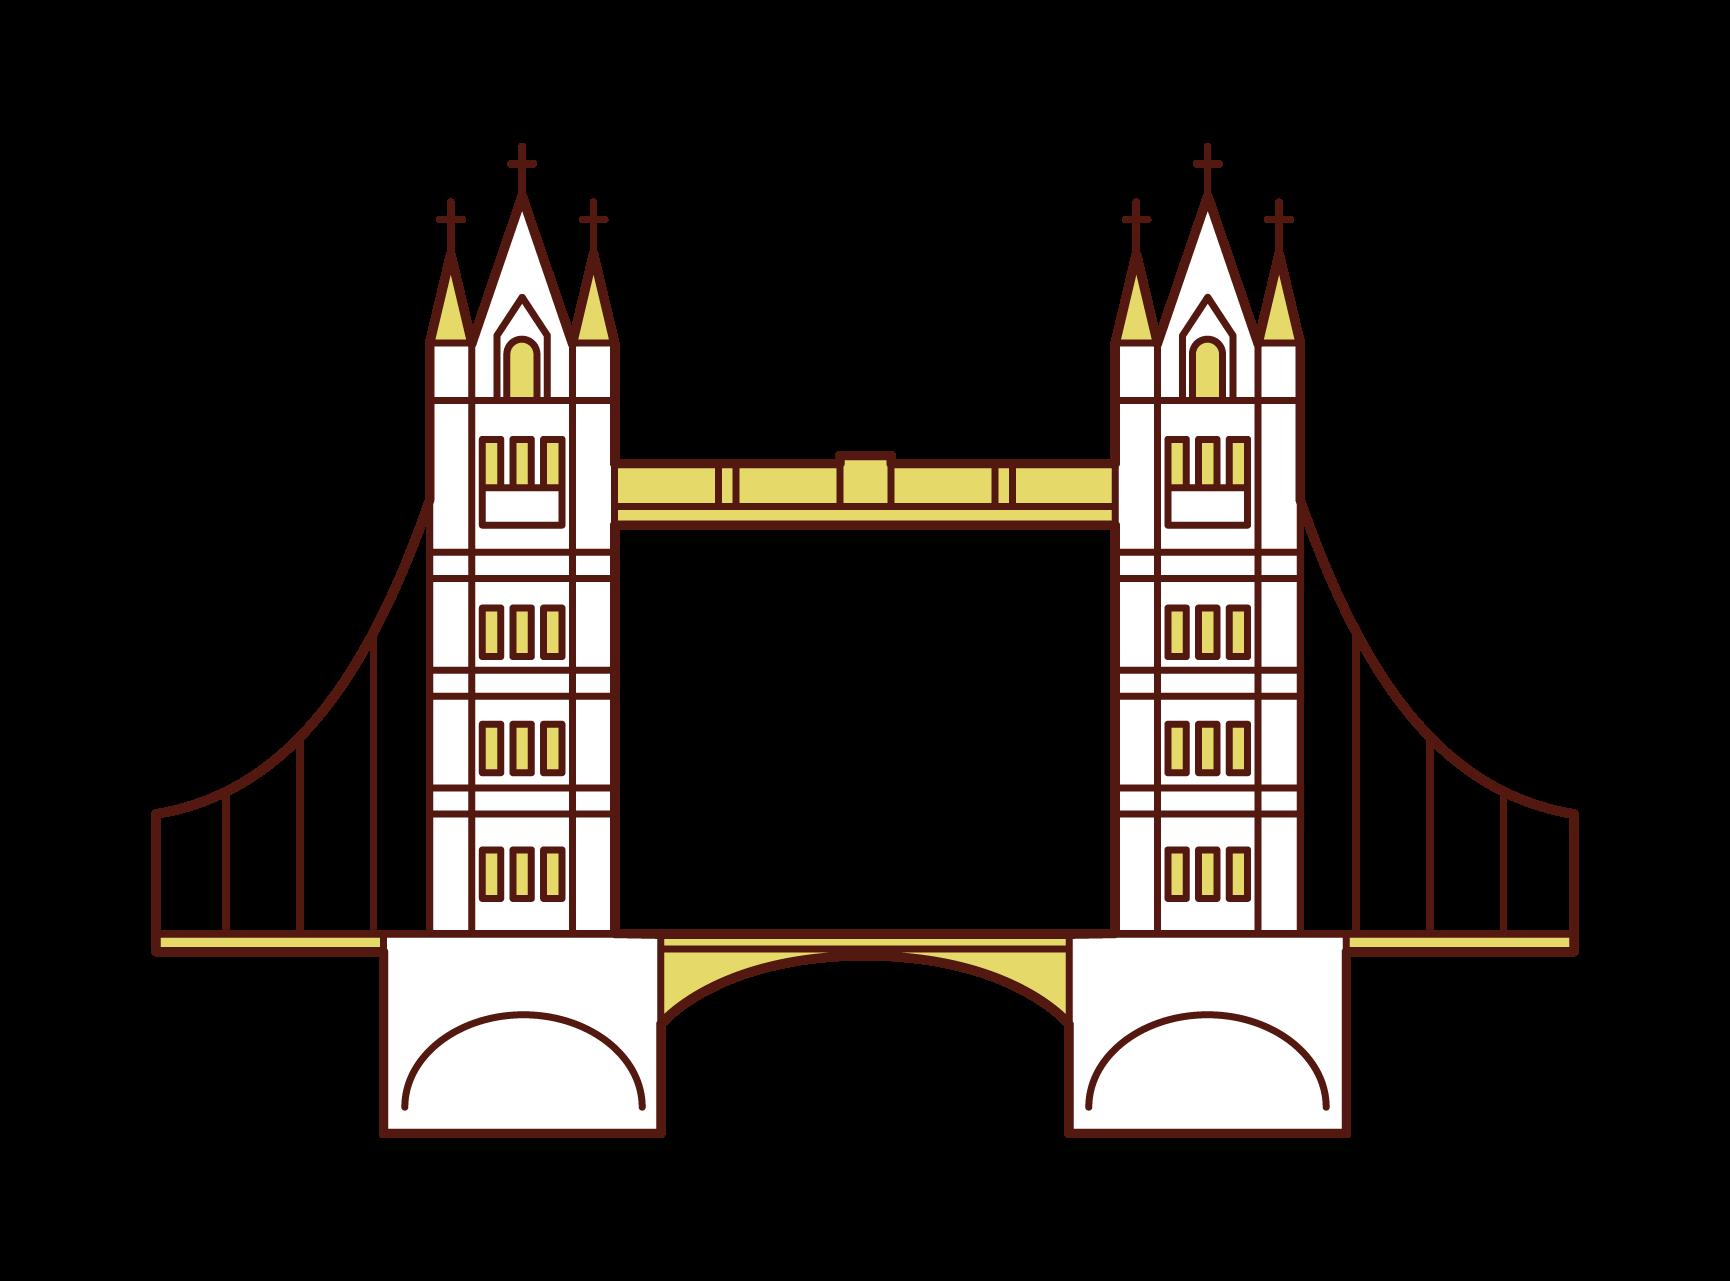 タワーブリッジのイラスト